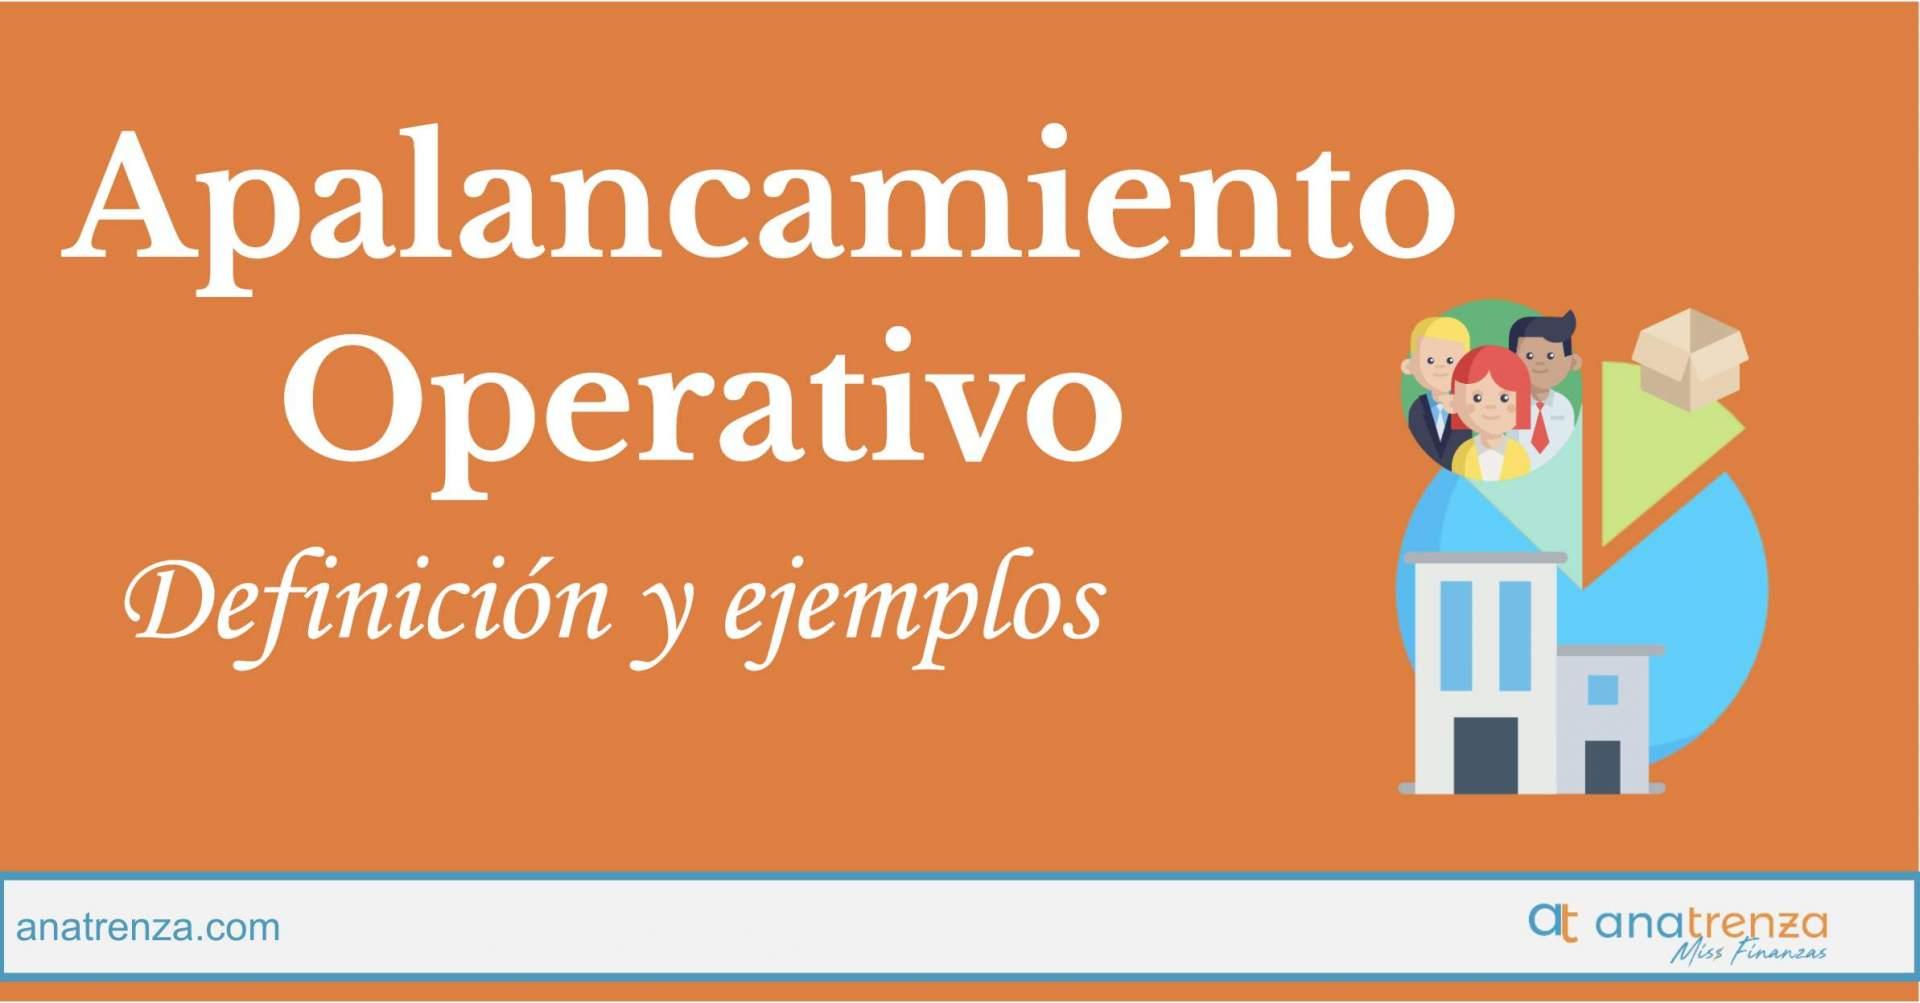 APALANCAMIENTO OPERATIVO: DEFINICIÓN, VALORES ÓPTIMOS Y EJEMPLOS